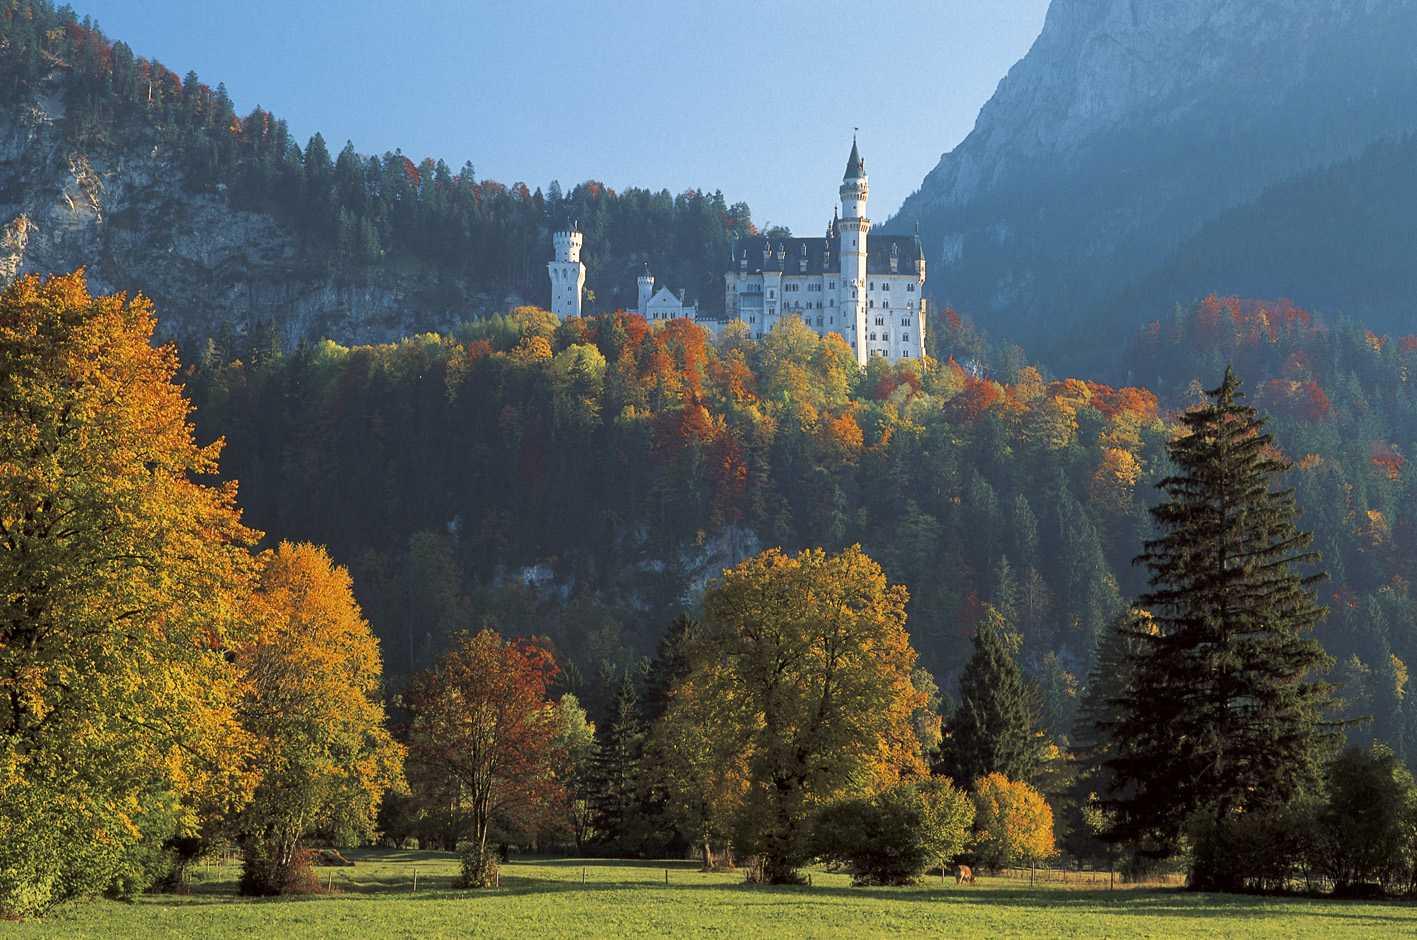 Viele Jahre lang war Schloss Neuschwanstein immer wieder eingerüstet. Nach 13 Jahren sind die umfangreichen Sanierungsarbeiten vor allem der Fassade abgeschlossen.